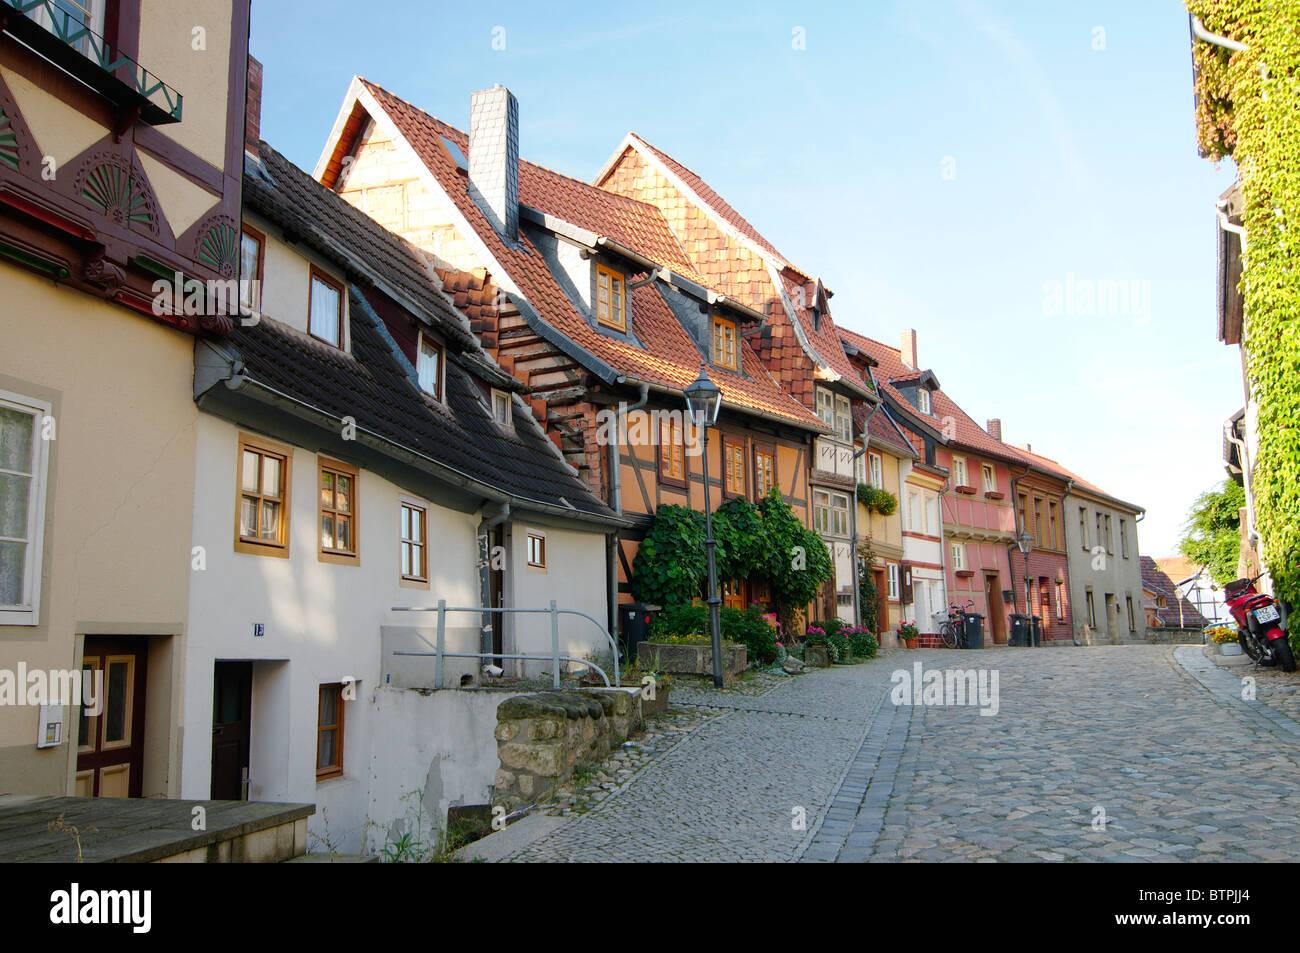 Fachwerkhäuser, Quedlinburg, Harz Mountains, Deutschland Stockbild